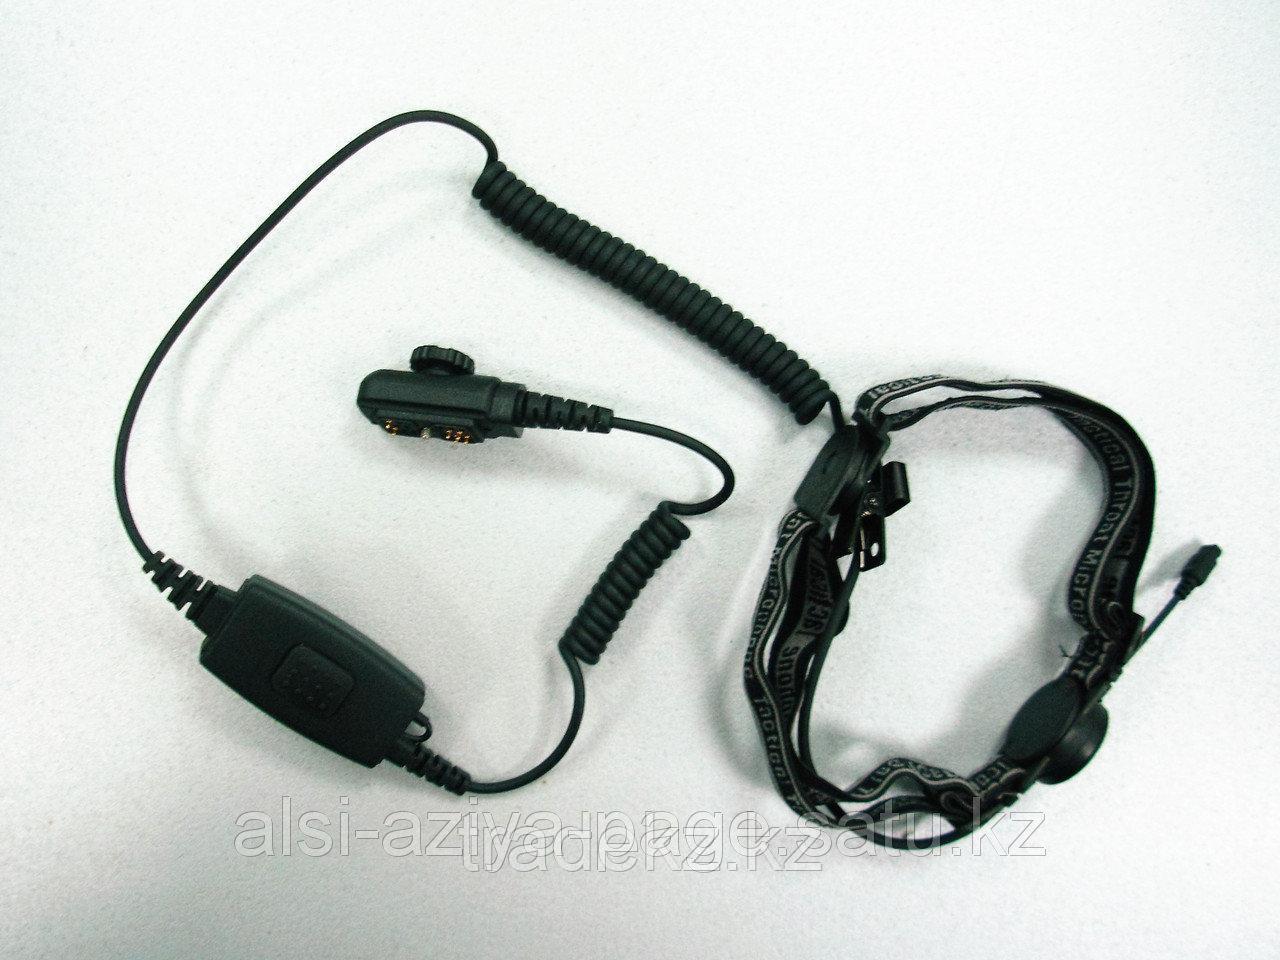 Гарнитура VoxTech  ZTL101-H4 ларингофонная для р/ст PD705/705G/785/785G/PT580/580H